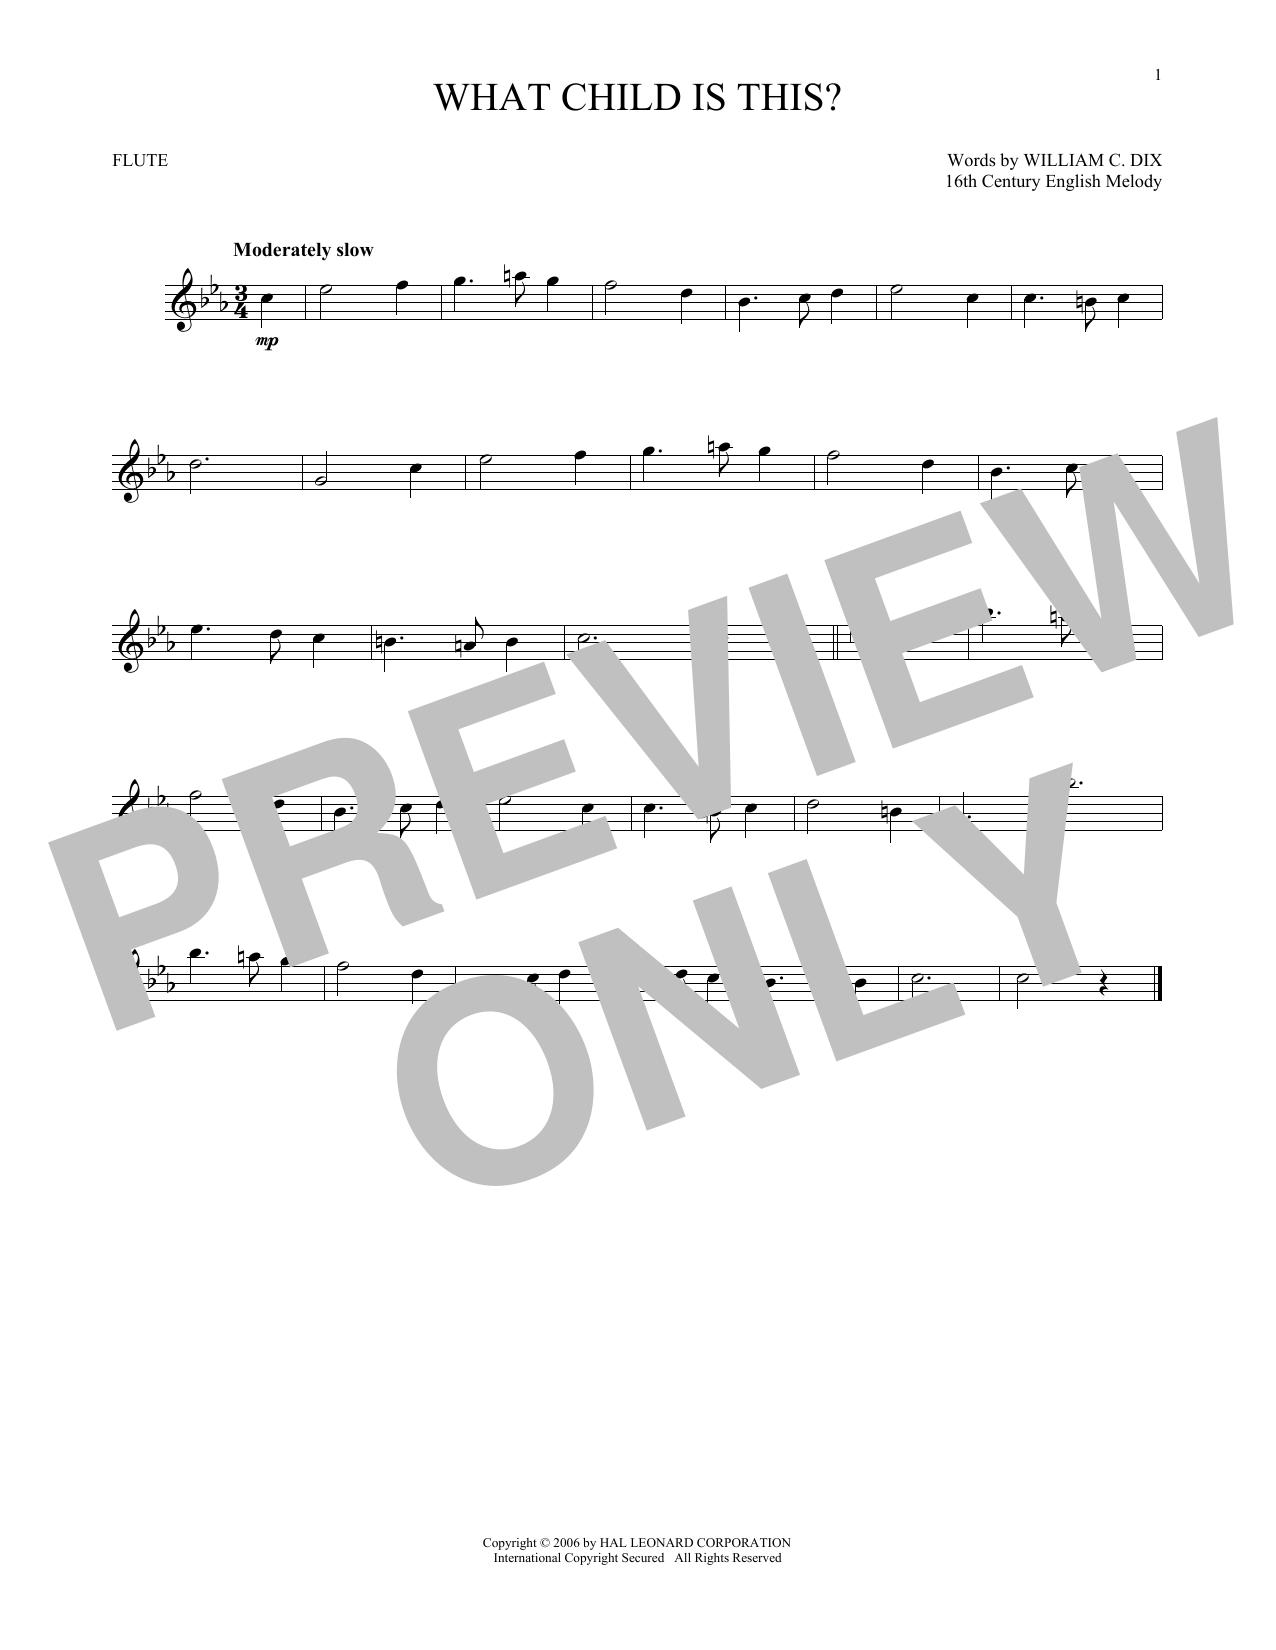 Partition flûte What Child Is This? de William C. Dix - Flute traversiere